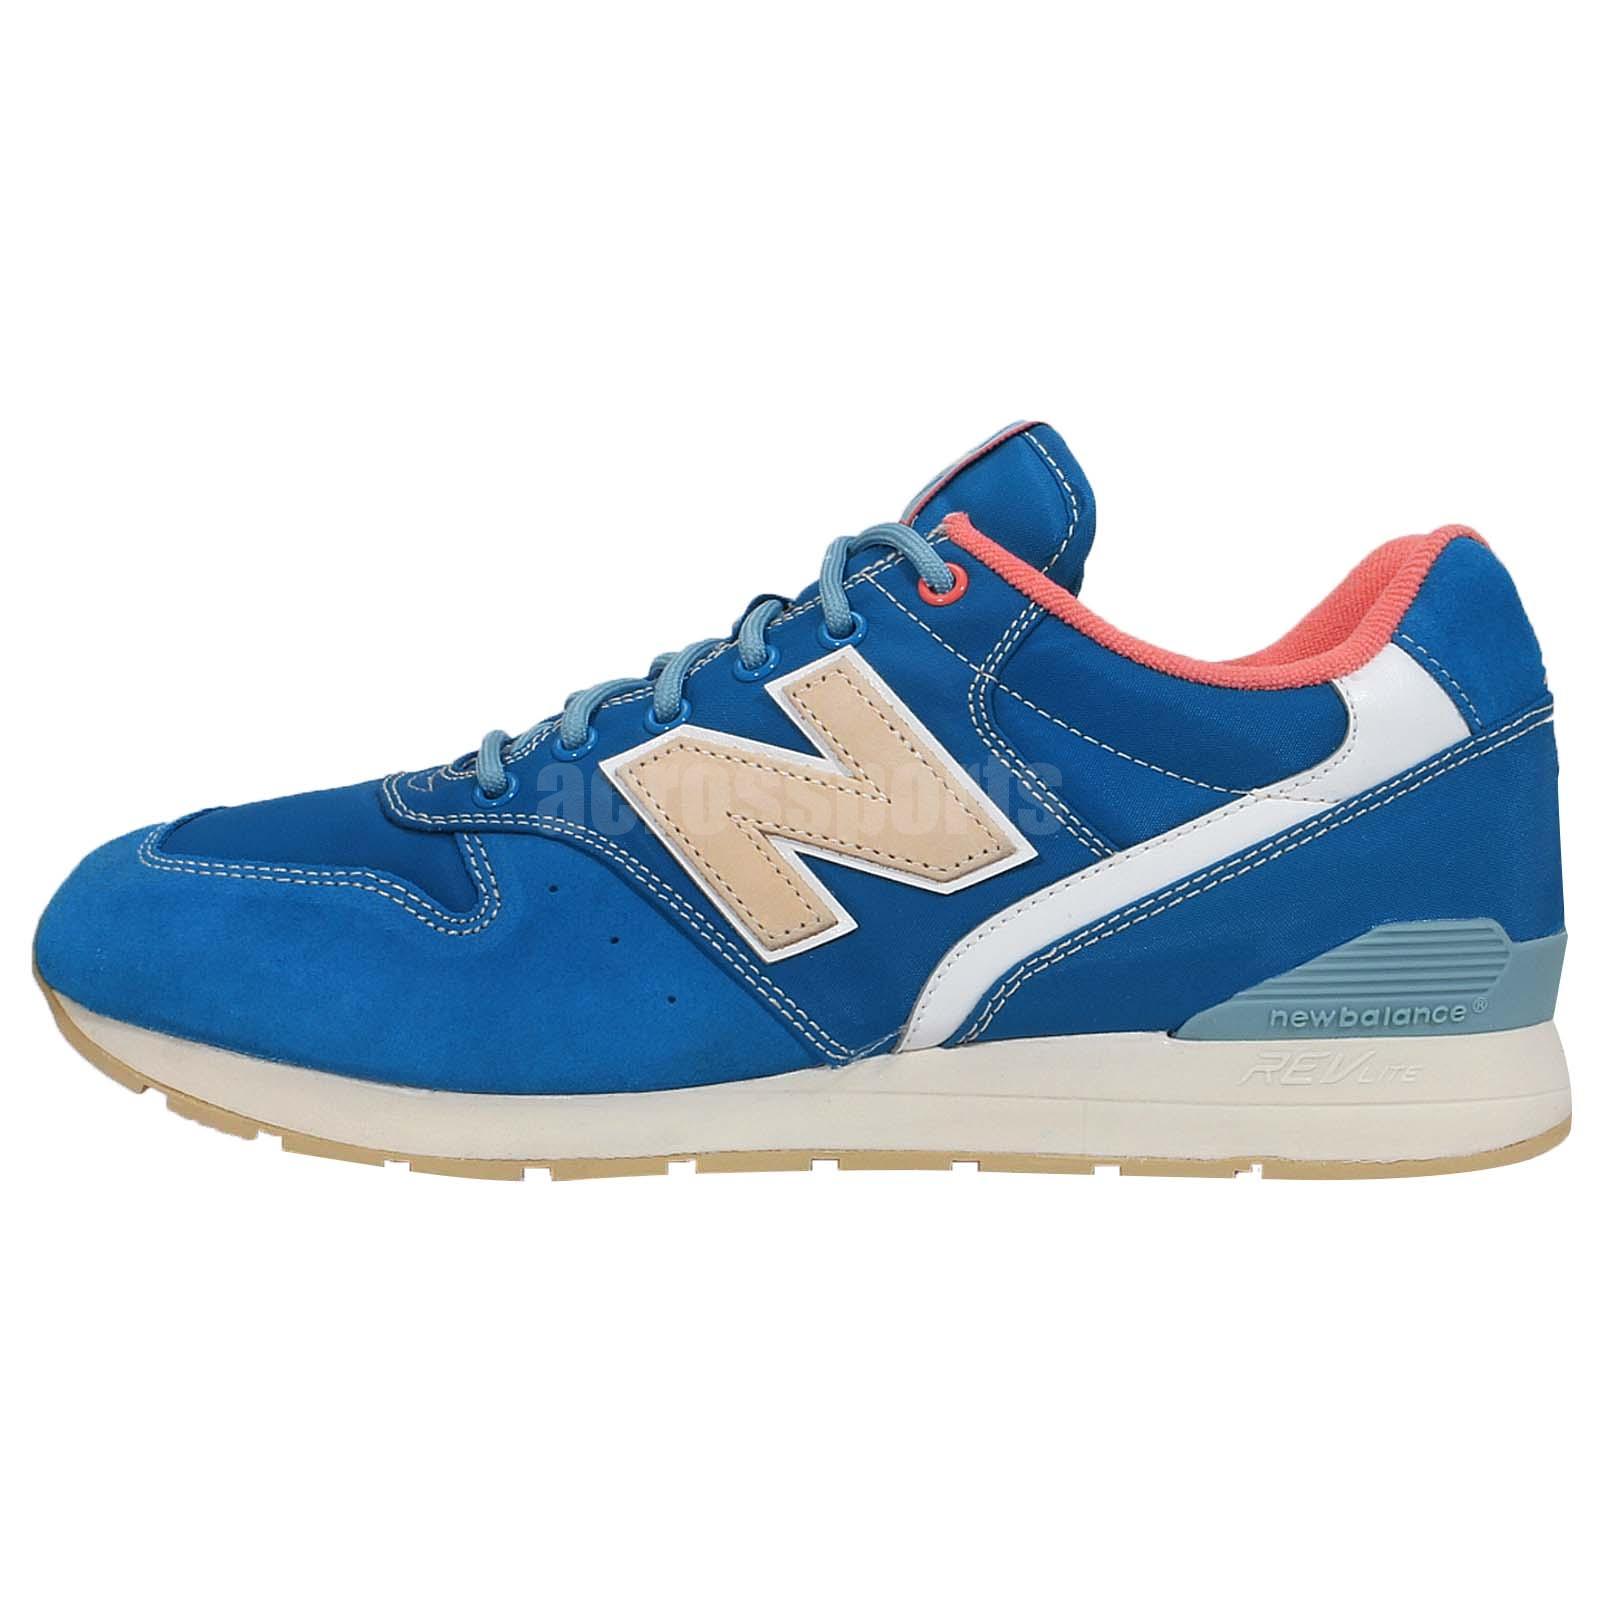 new balance mrl996ga d blue pink mens running shoes